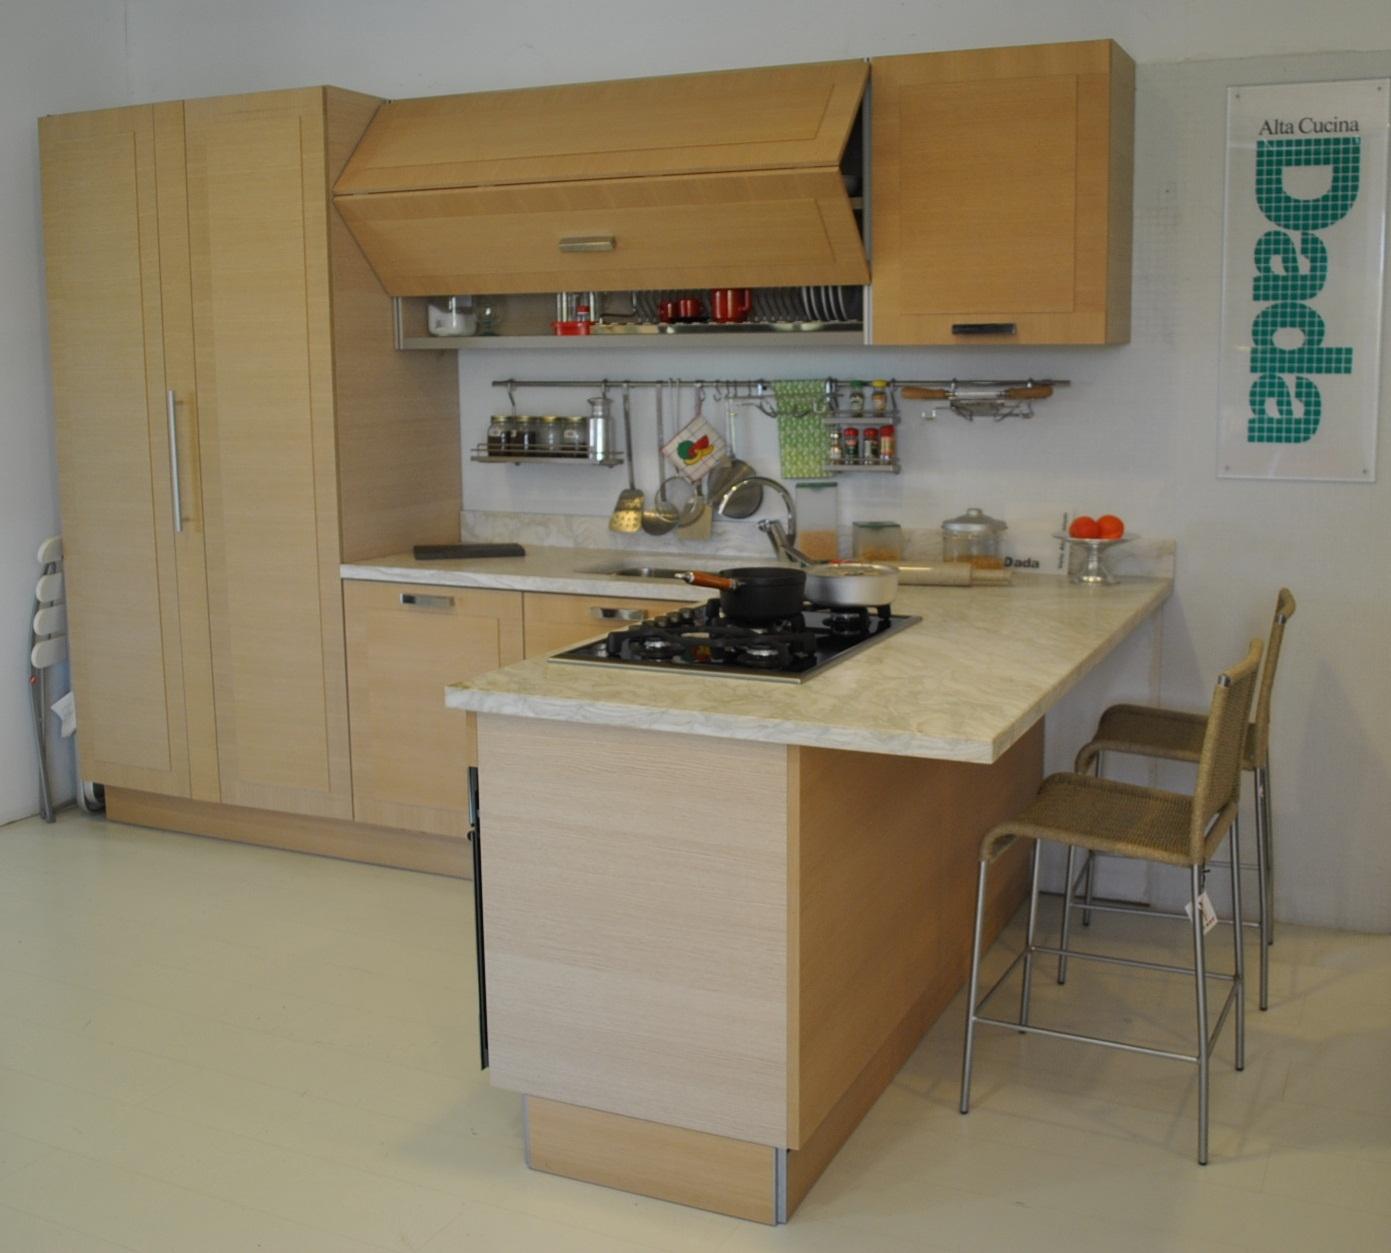 Cucine con penisola dada in rovere naturale scontata del 60 cucine a prezzi scontati - Cucine in rovere ...